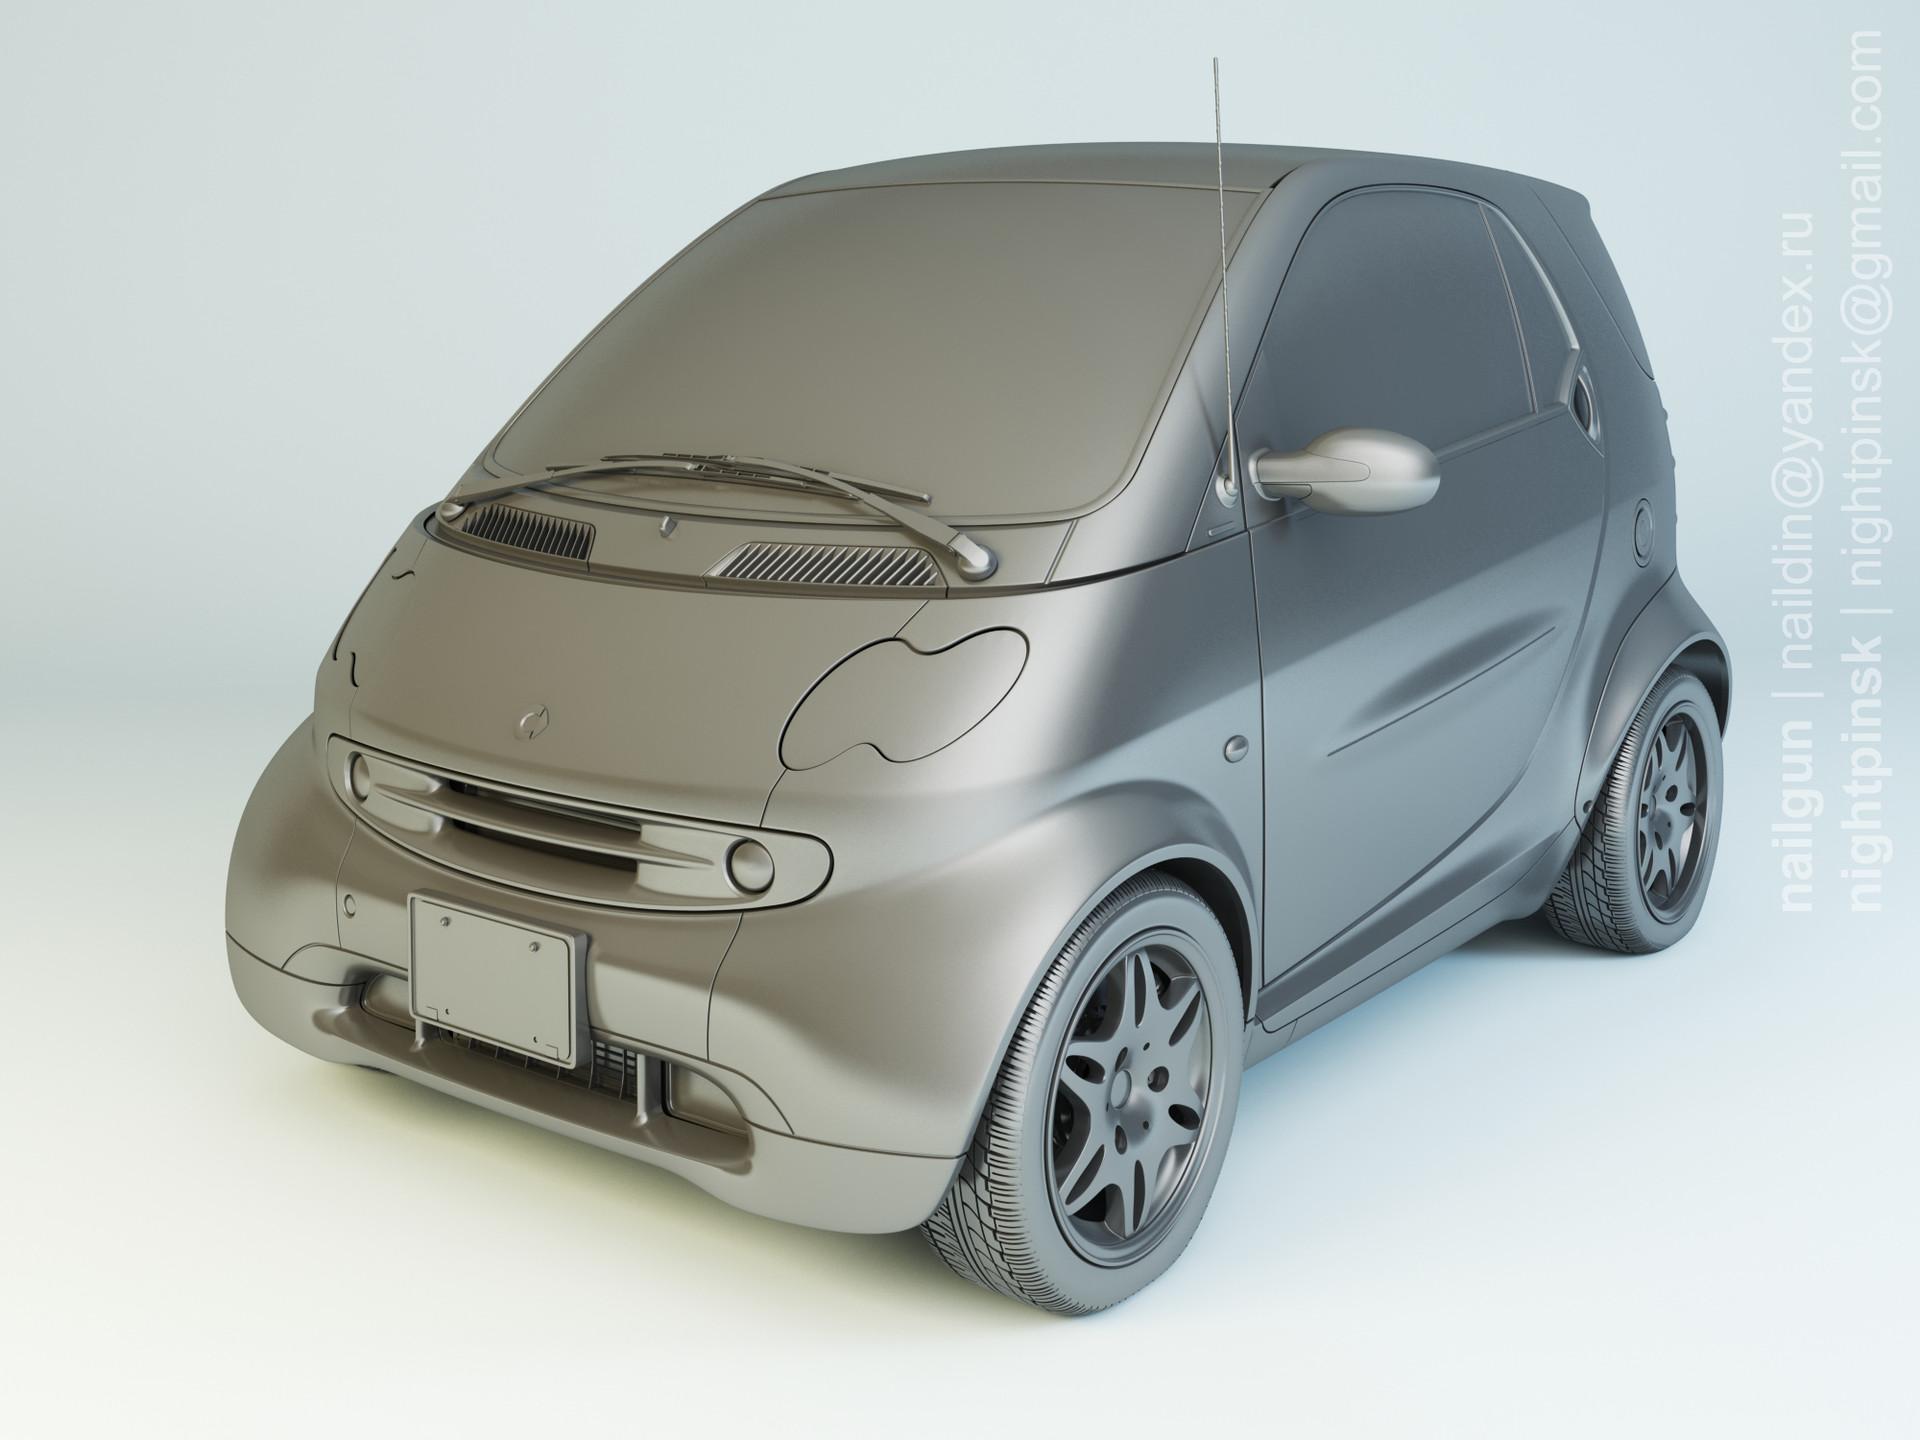 Nail khusnutdinov pwc 045 001 smart fortwo modelling rgb color 0000